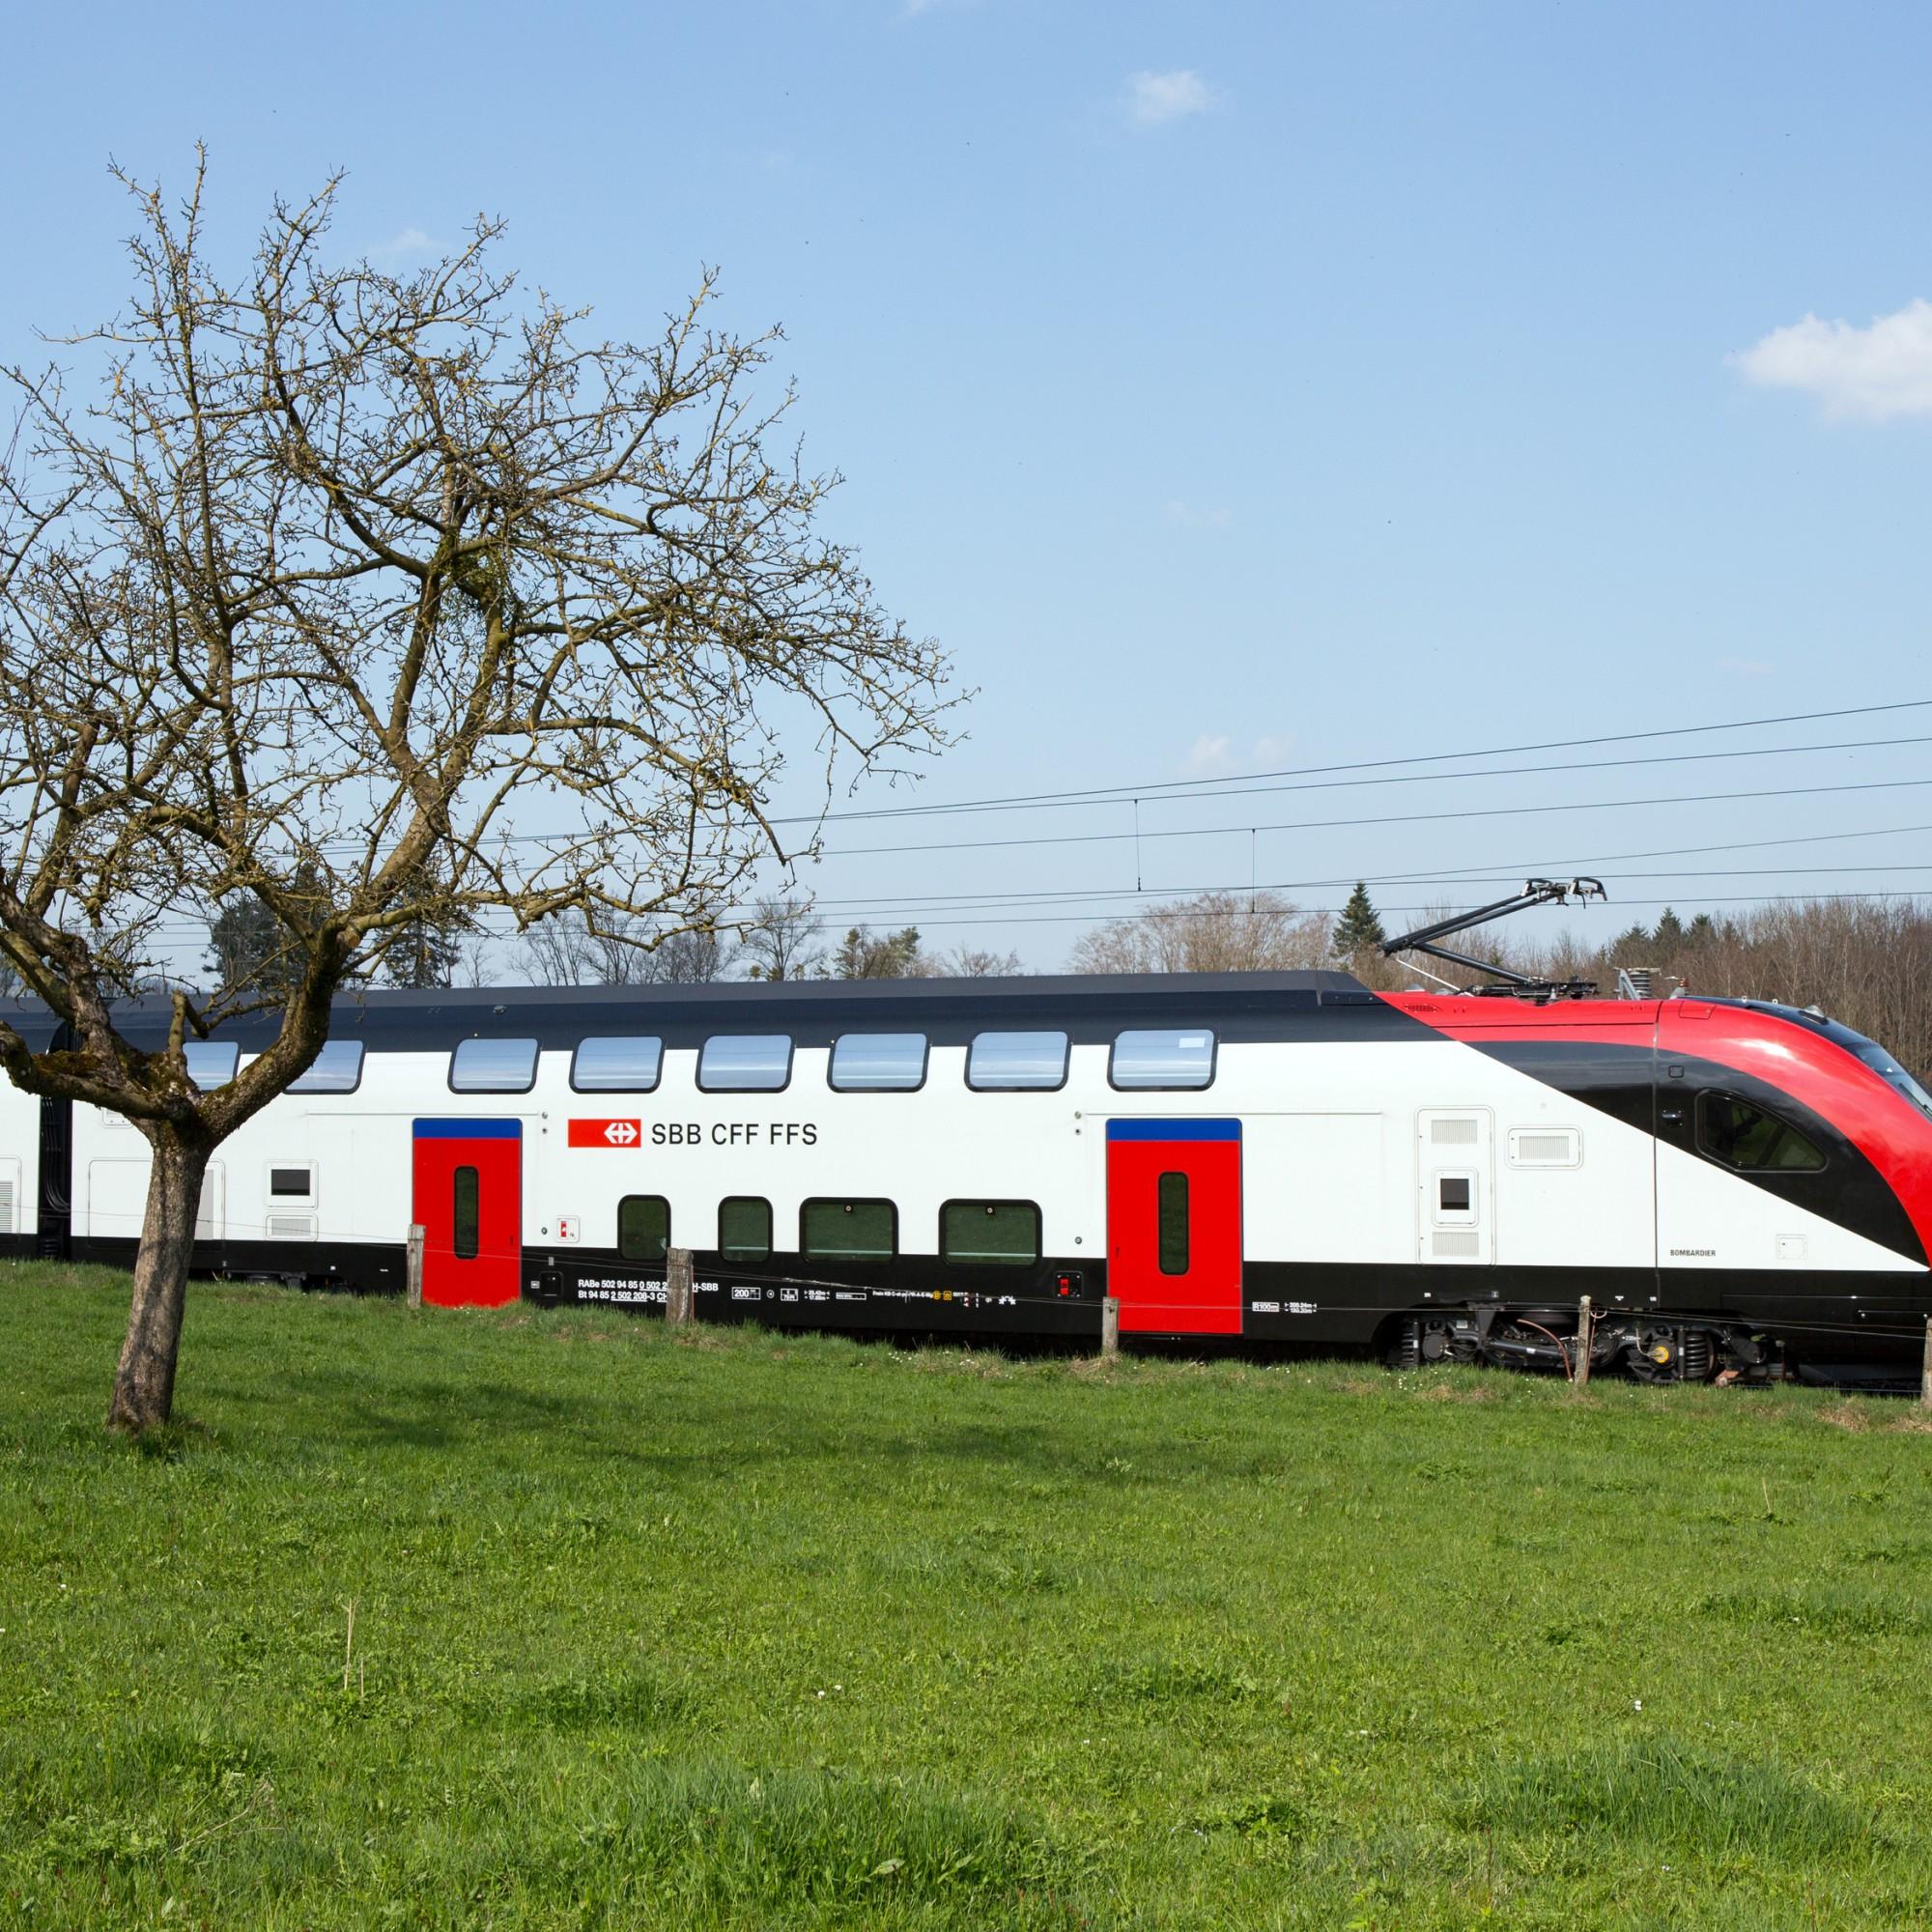 Zwischen St. Gallen und Zürich wurden einige Testfahrten durchgeführt.